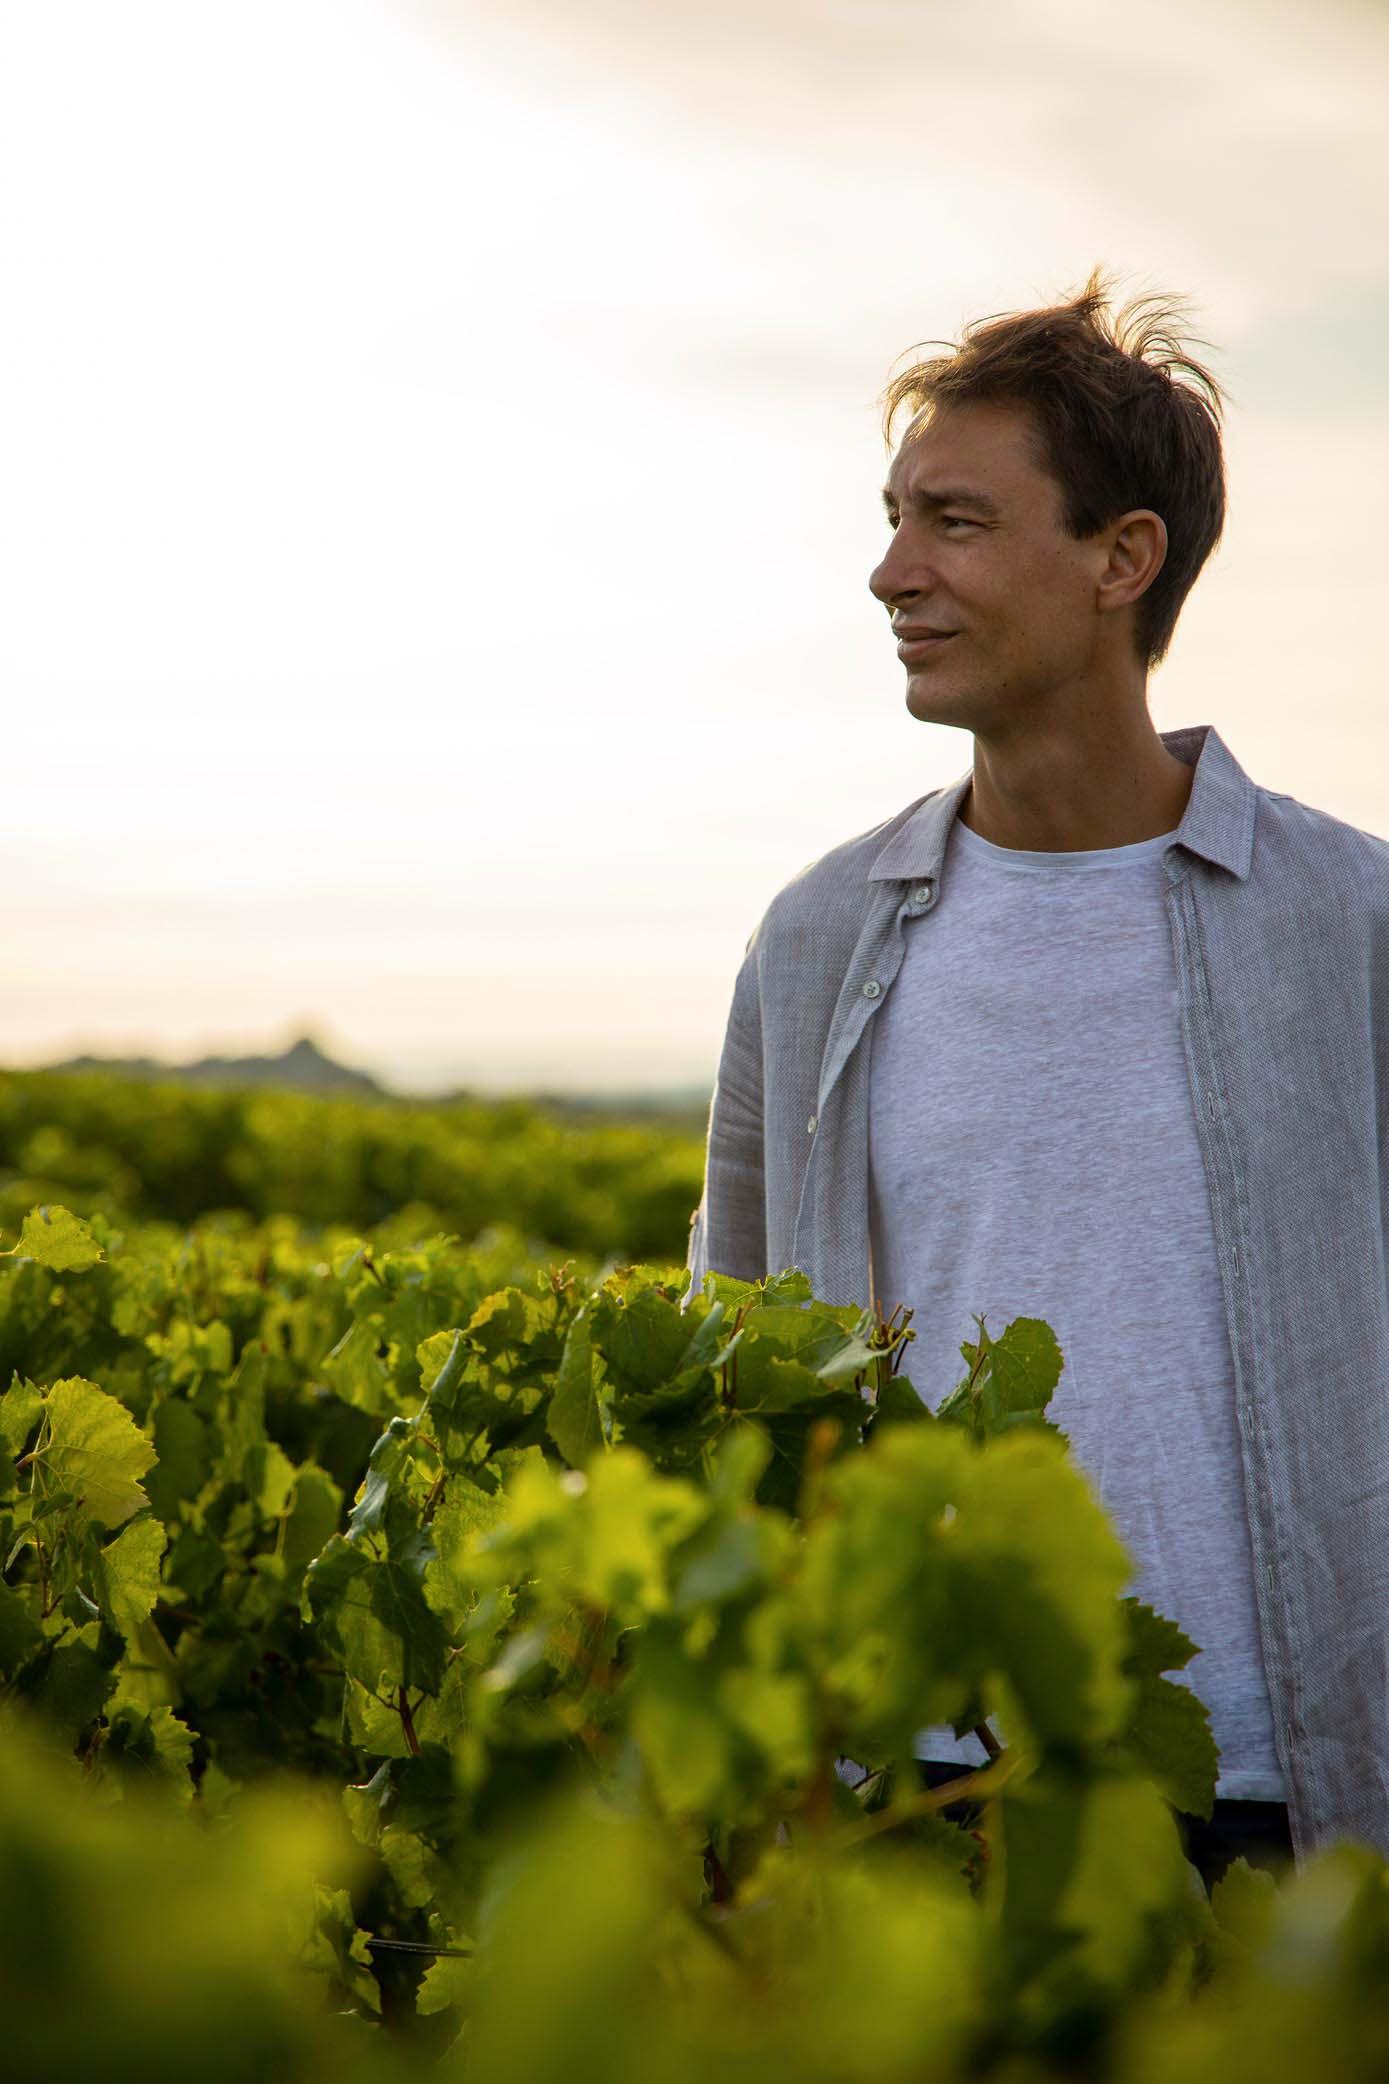 Antoine dans les vignes pour le reportage photo du Champagne Antoine Chevalier - Agence Discovery